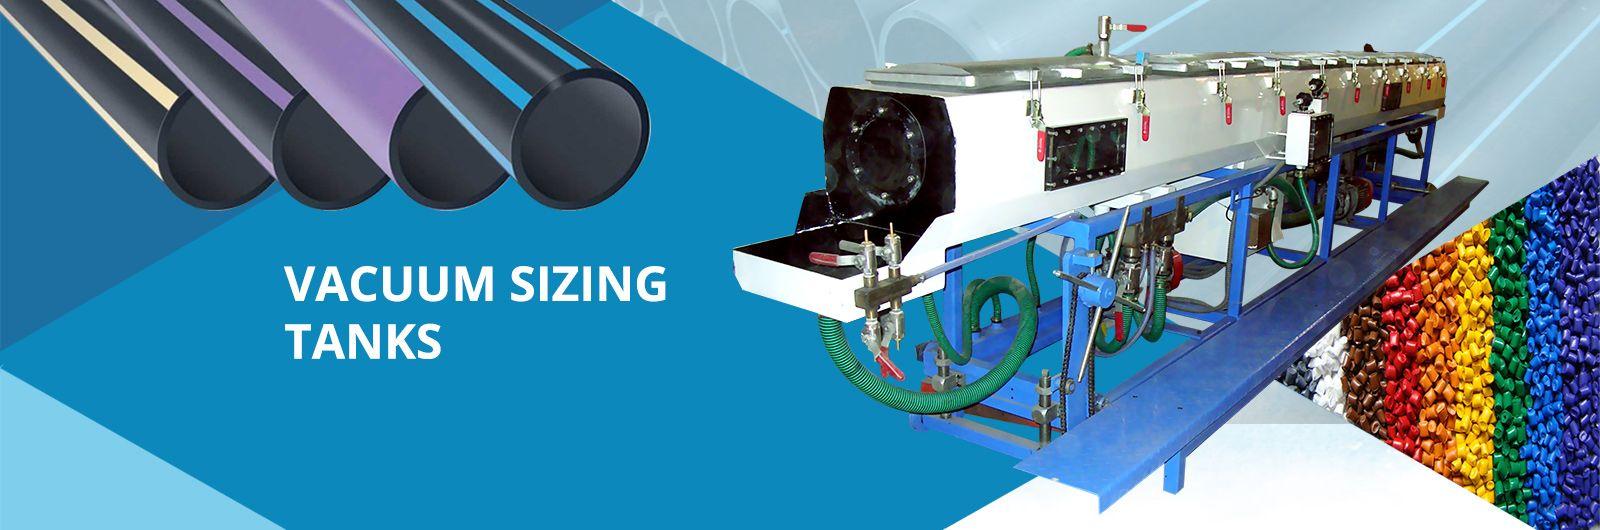 vacuum sizing tanks manufacturer in vadodara